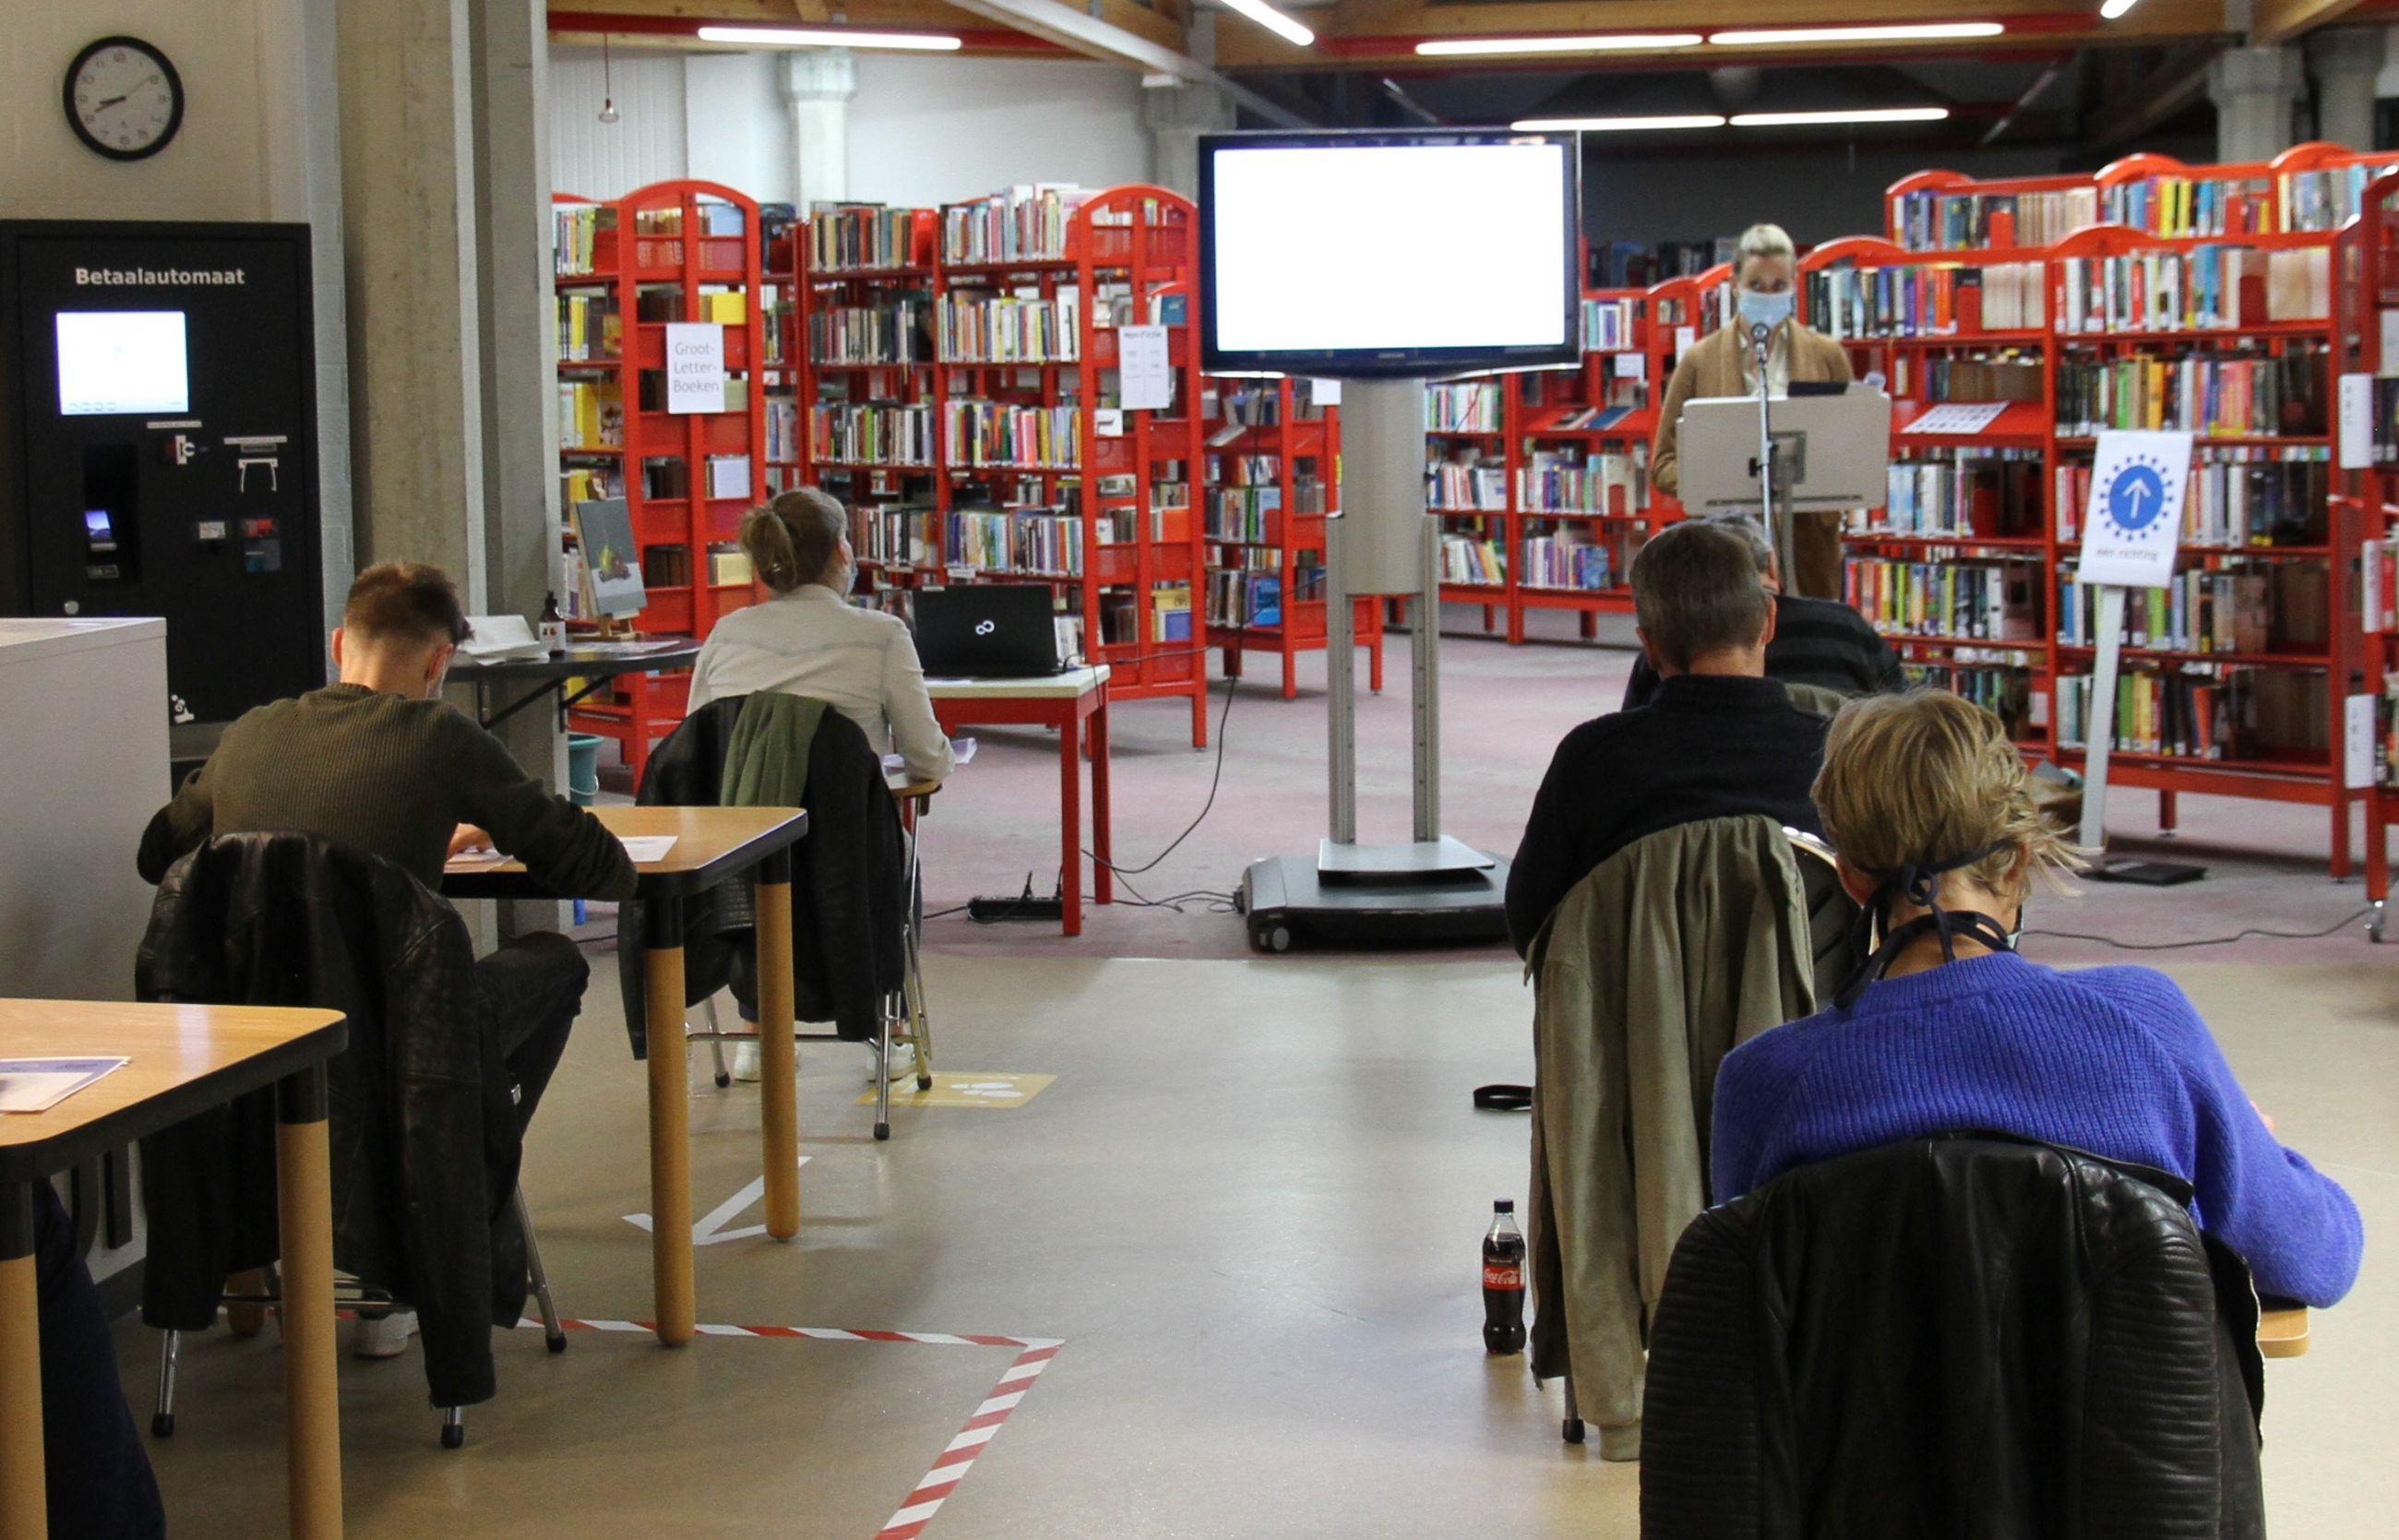 Covid-19-dictee in de bibliotheek